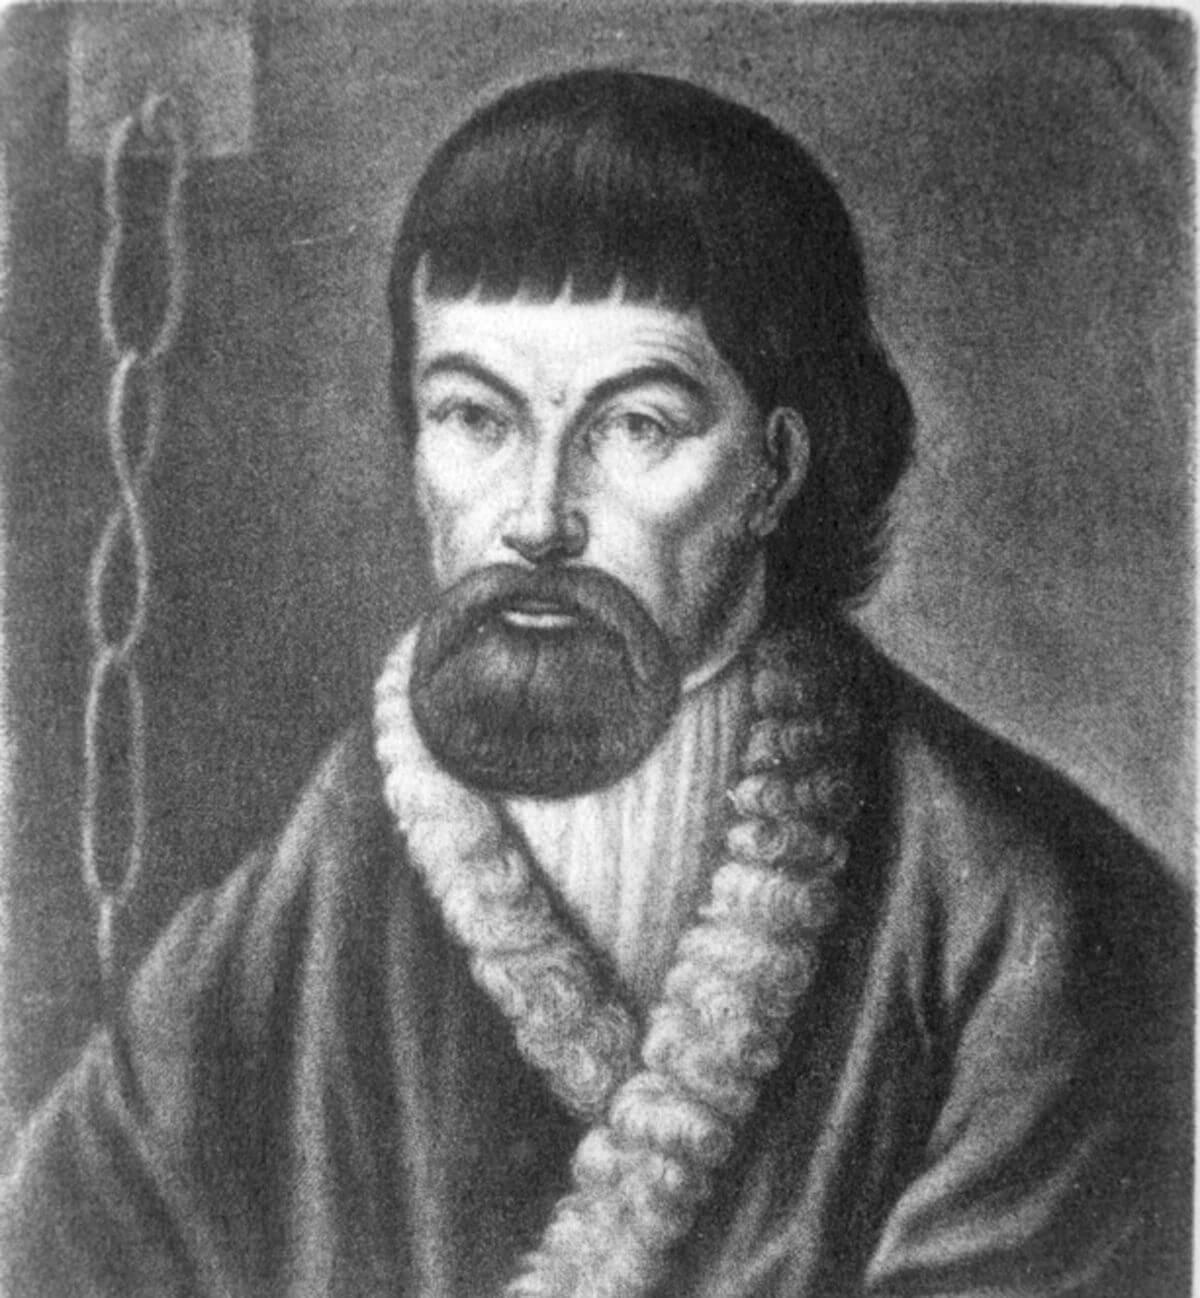 Портрет Пугачева, писанный с натуры. Надпись на портрете: